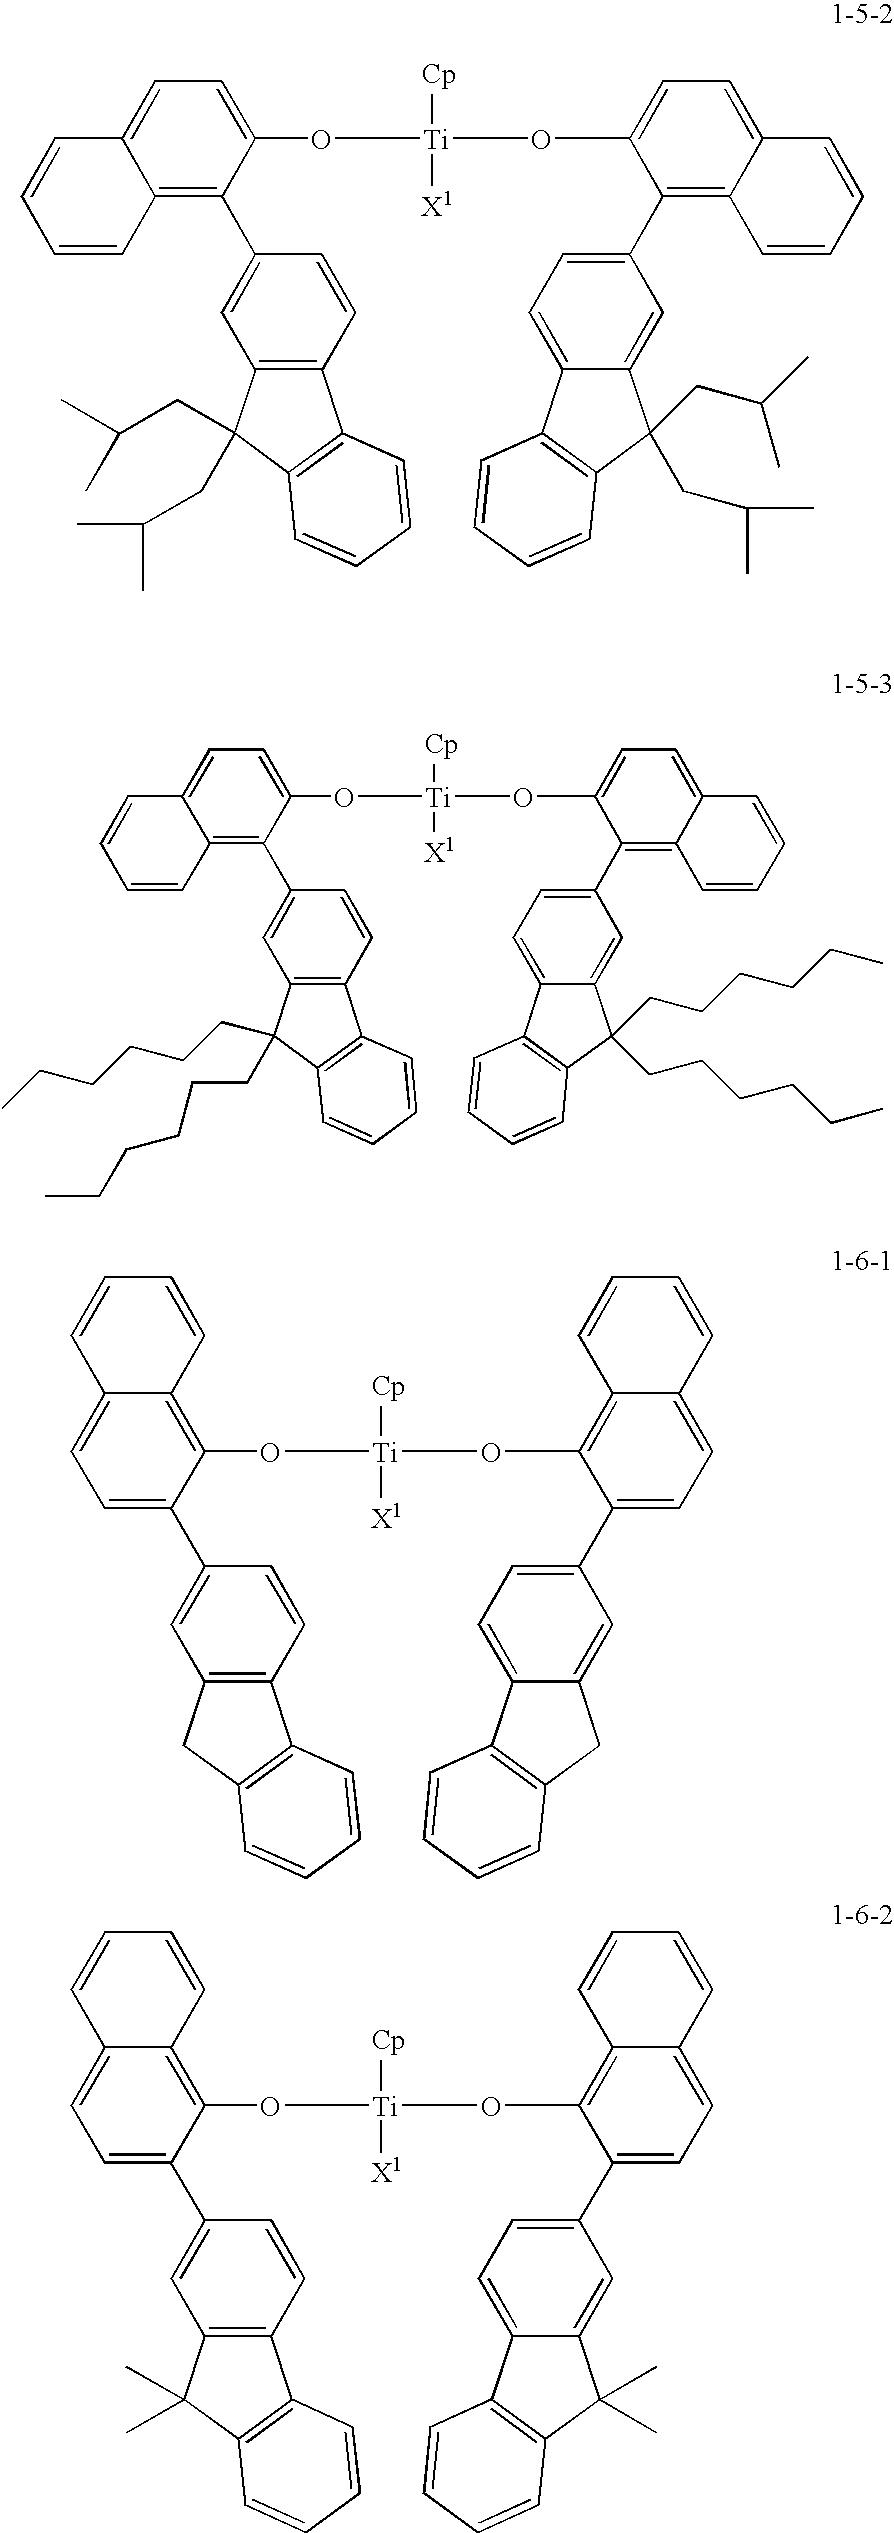 Figure US20100081776A1-20100401-C00065